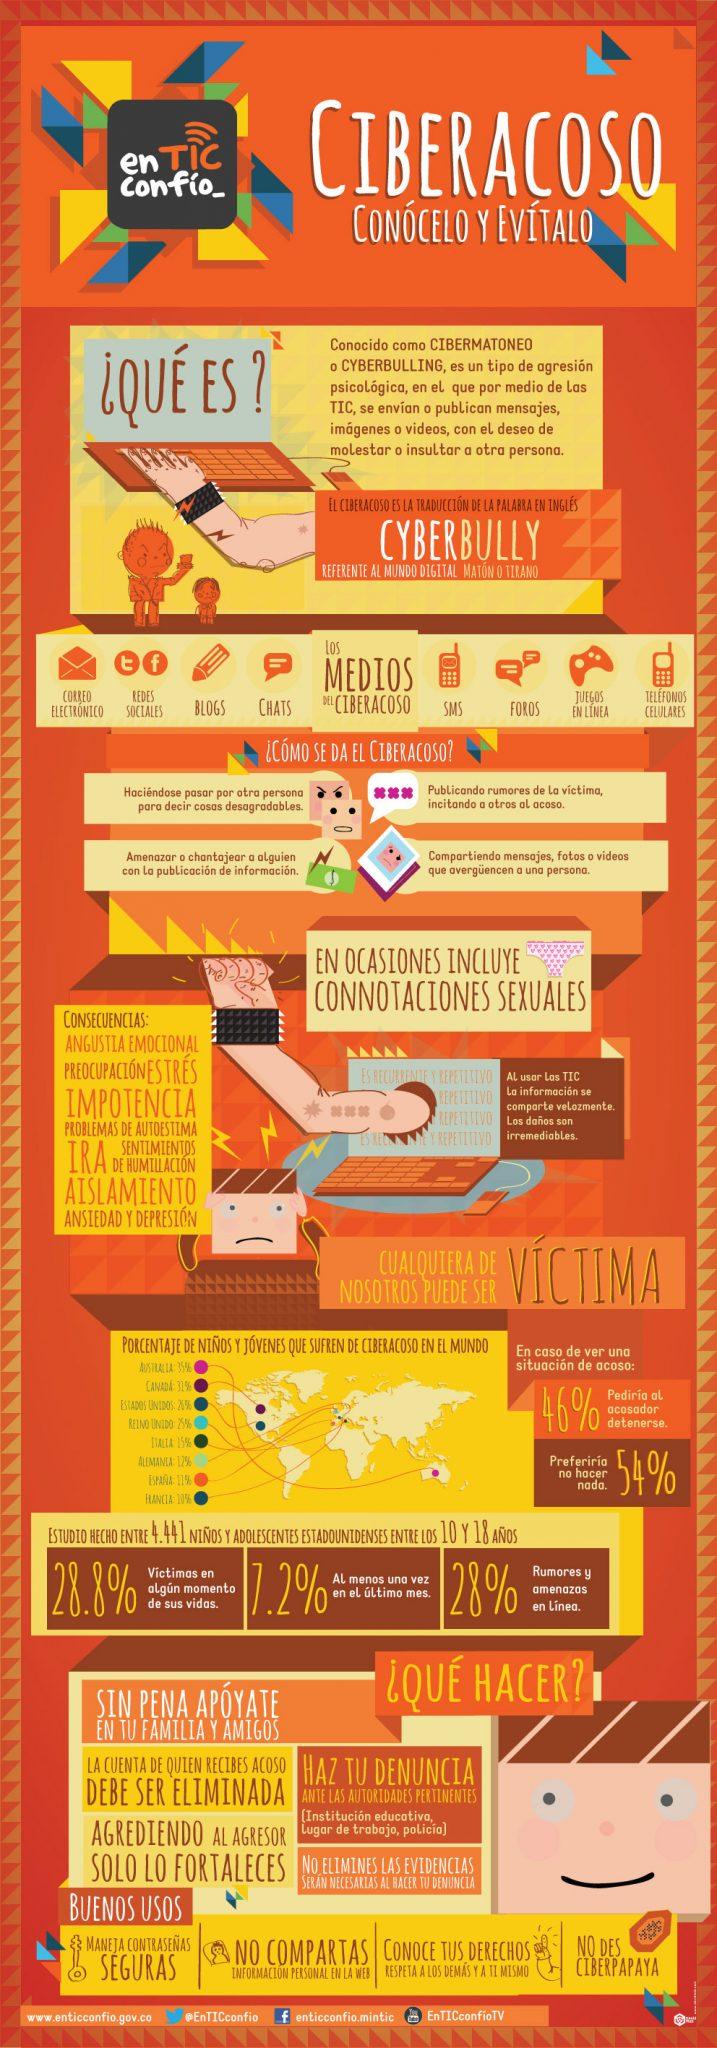 El ciberacoso que es y no seas c mplice infograf a - Casos de ciberacoso en espana ...